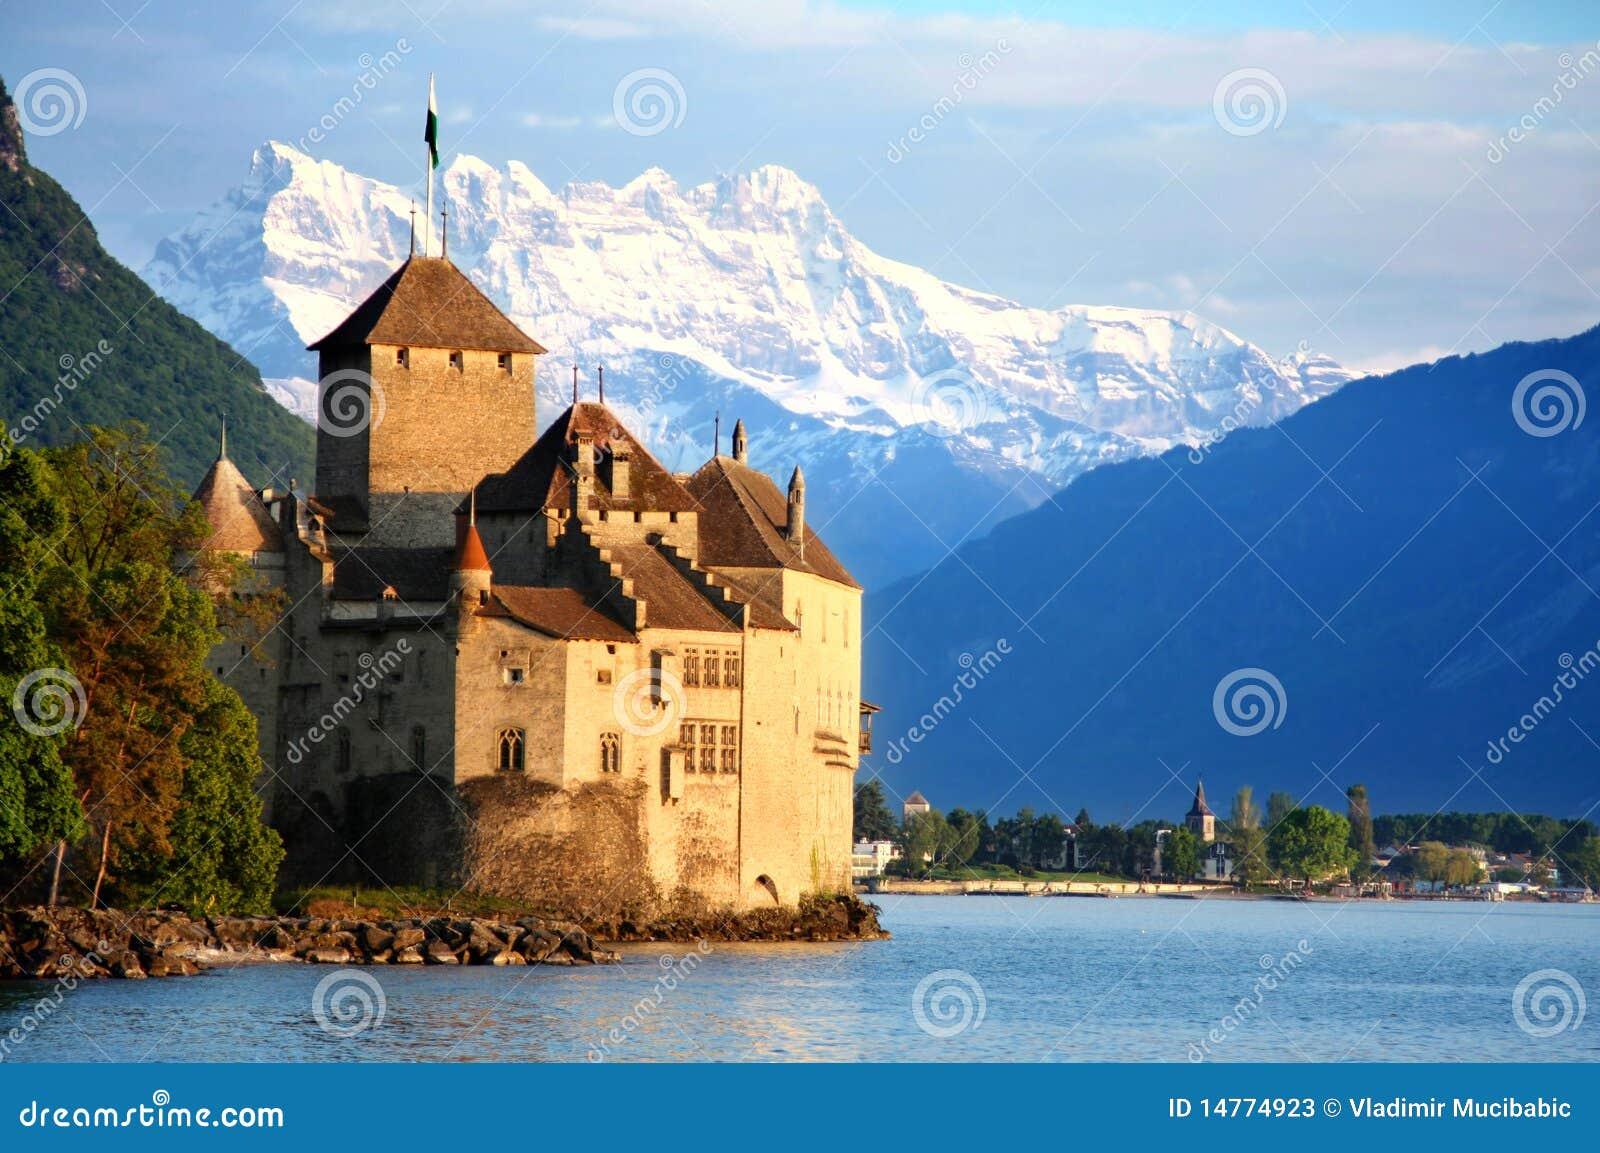 Het Kasteel Chillon In Montreux, Zwitserland Stock Foto u0026#39;s   Afbeelding  14774923